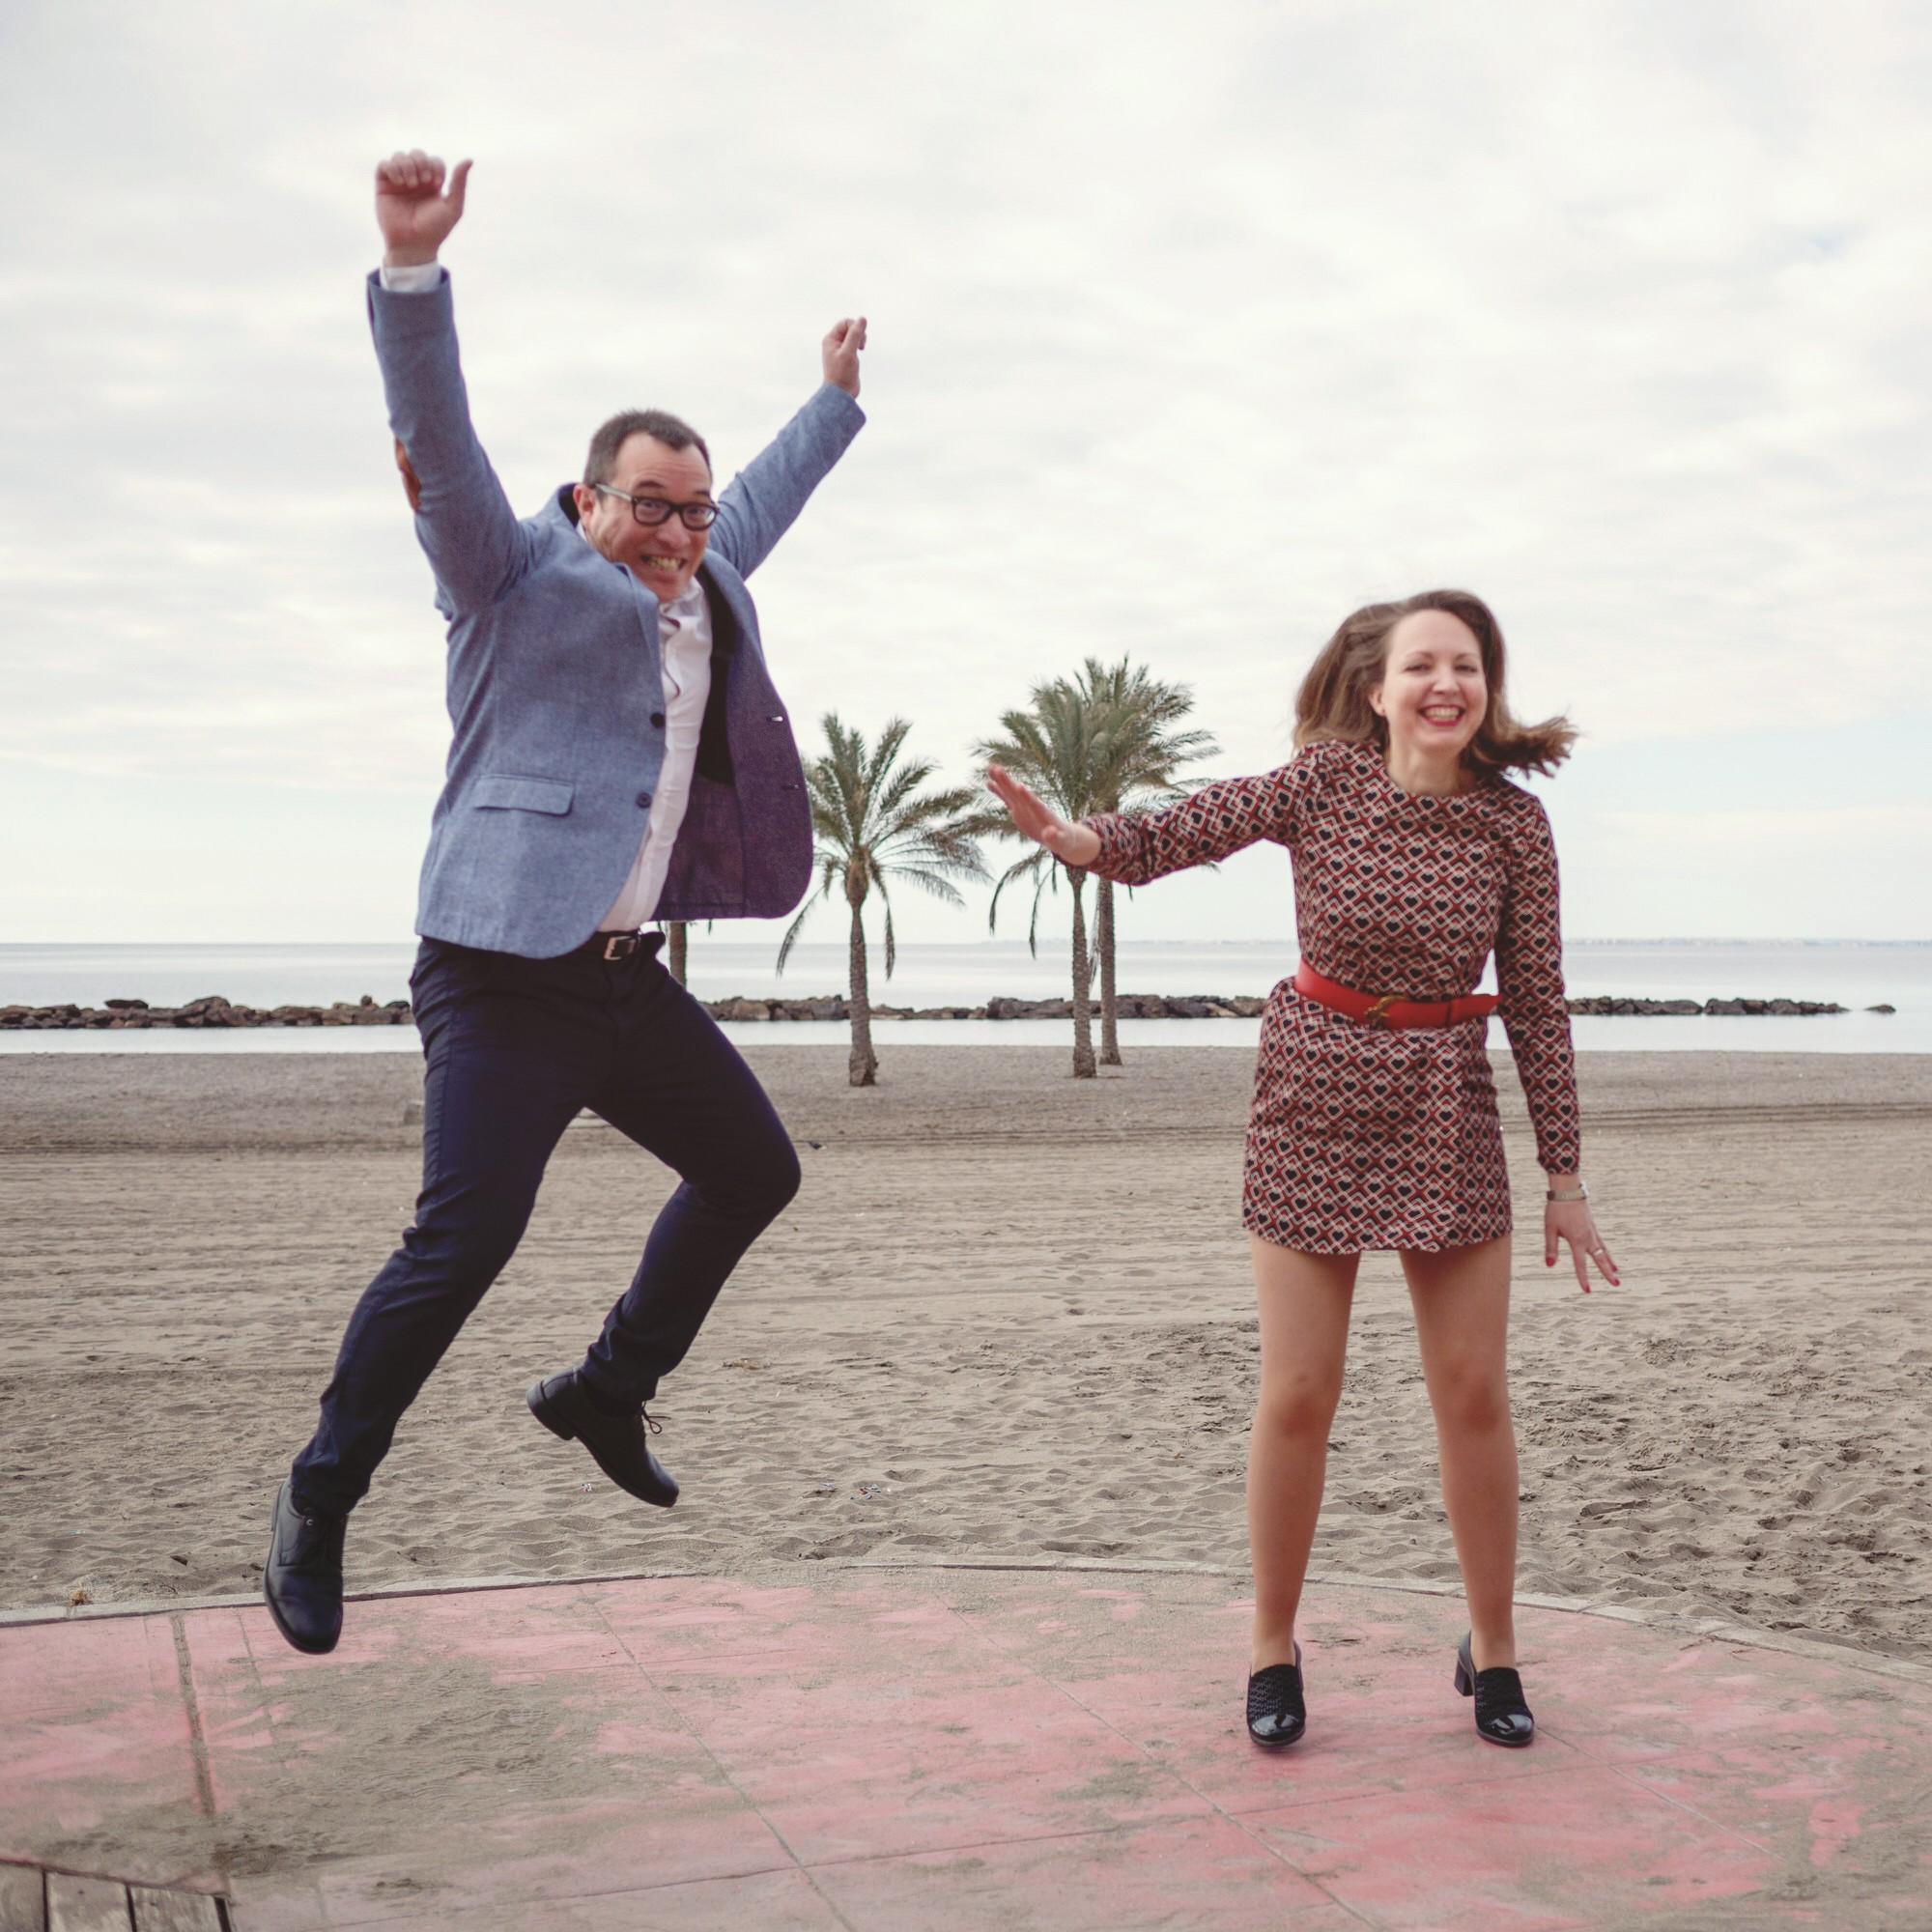 fotografo-de-bodas-en-la-playa-almeria-boda-civil